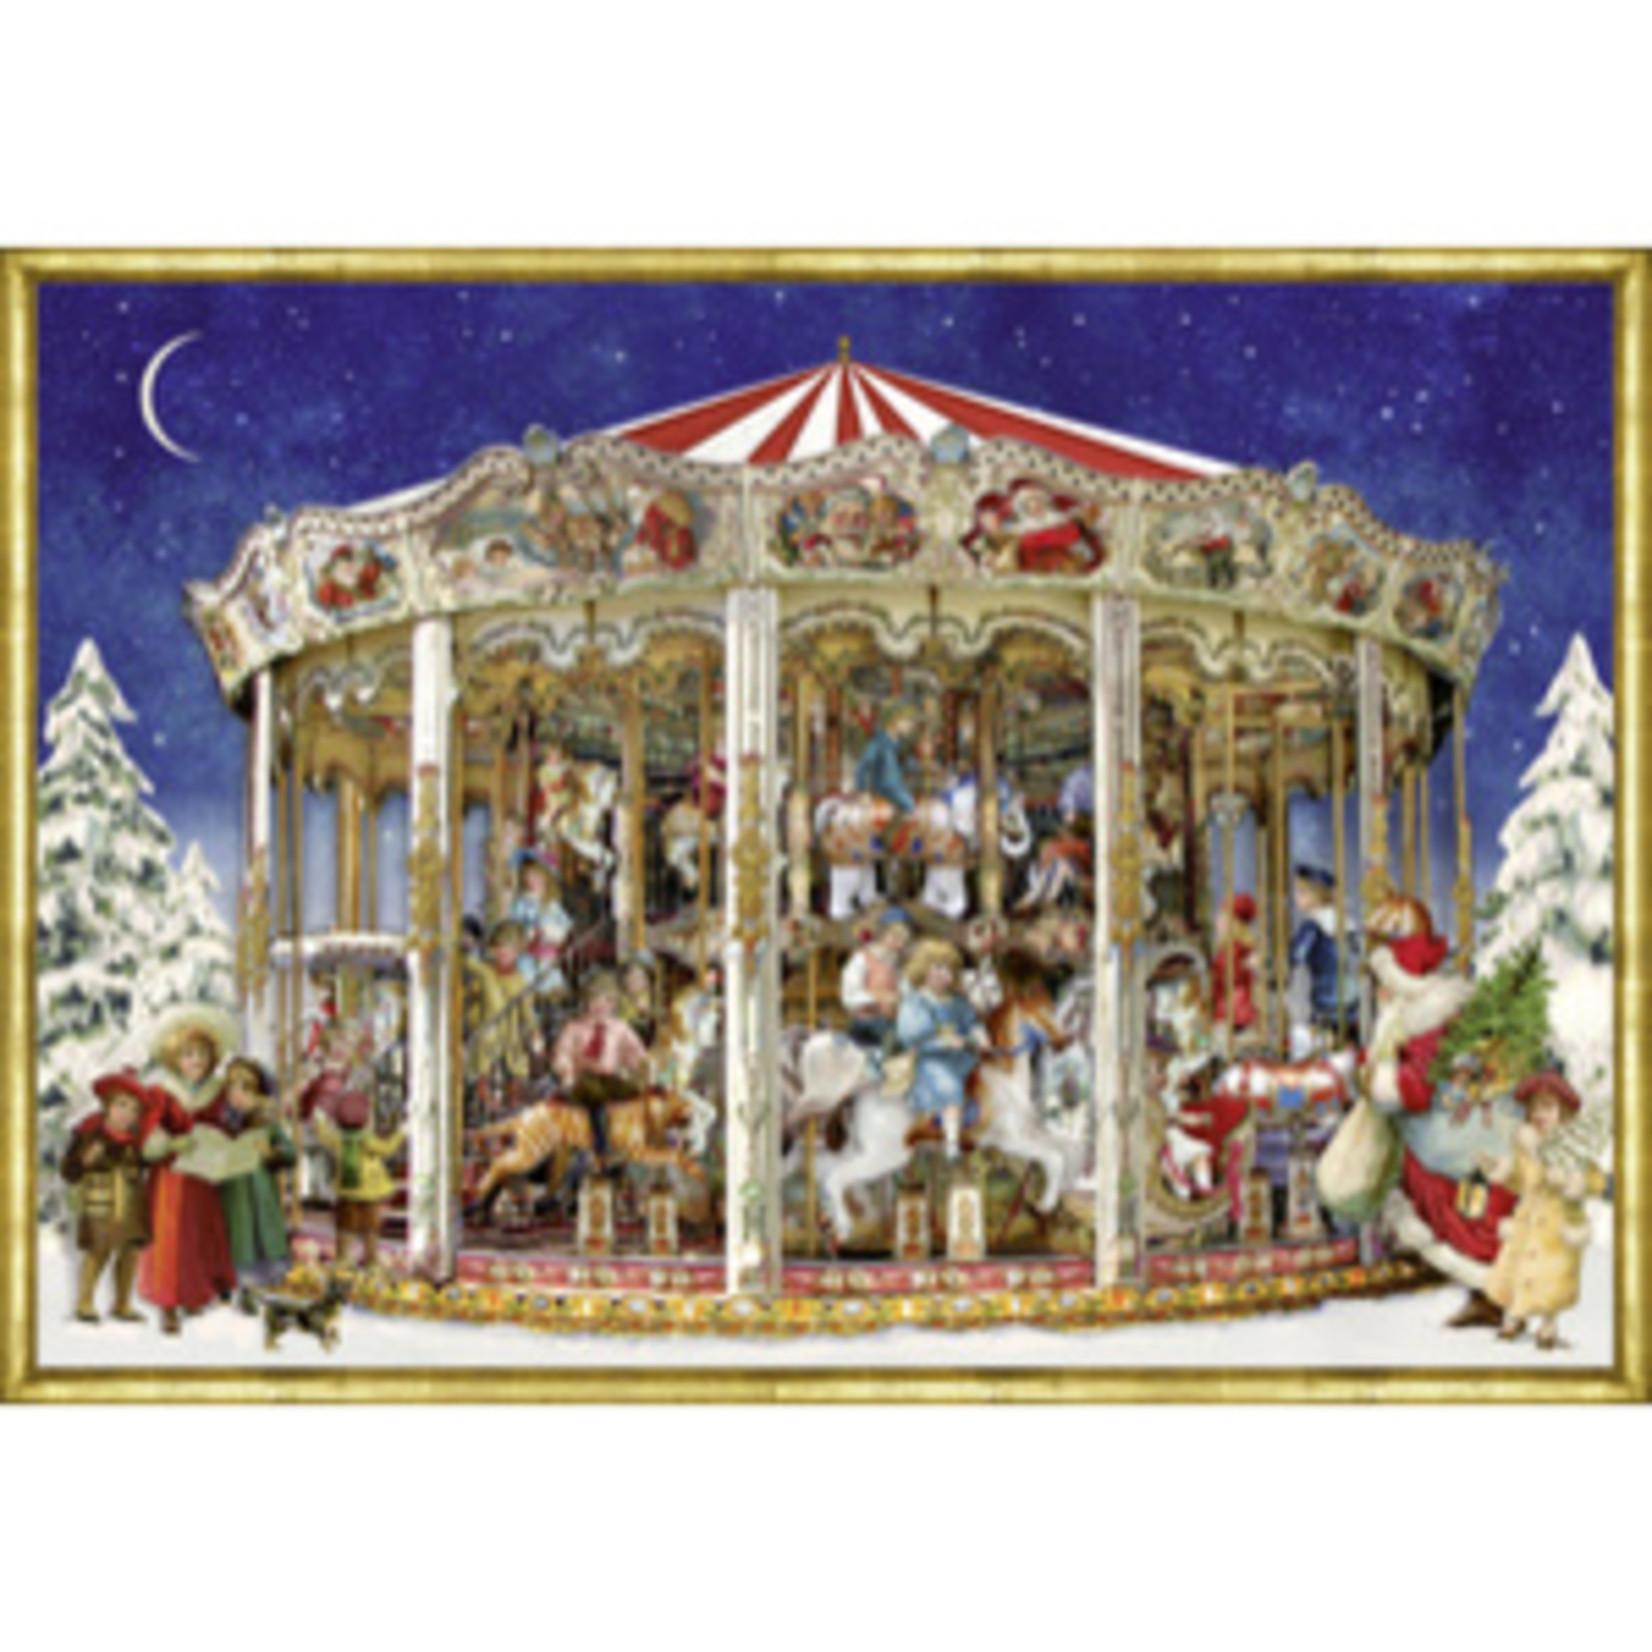 Coppenrath A4 Wandkalender: Nostalgiesches Weihnachtskarussell